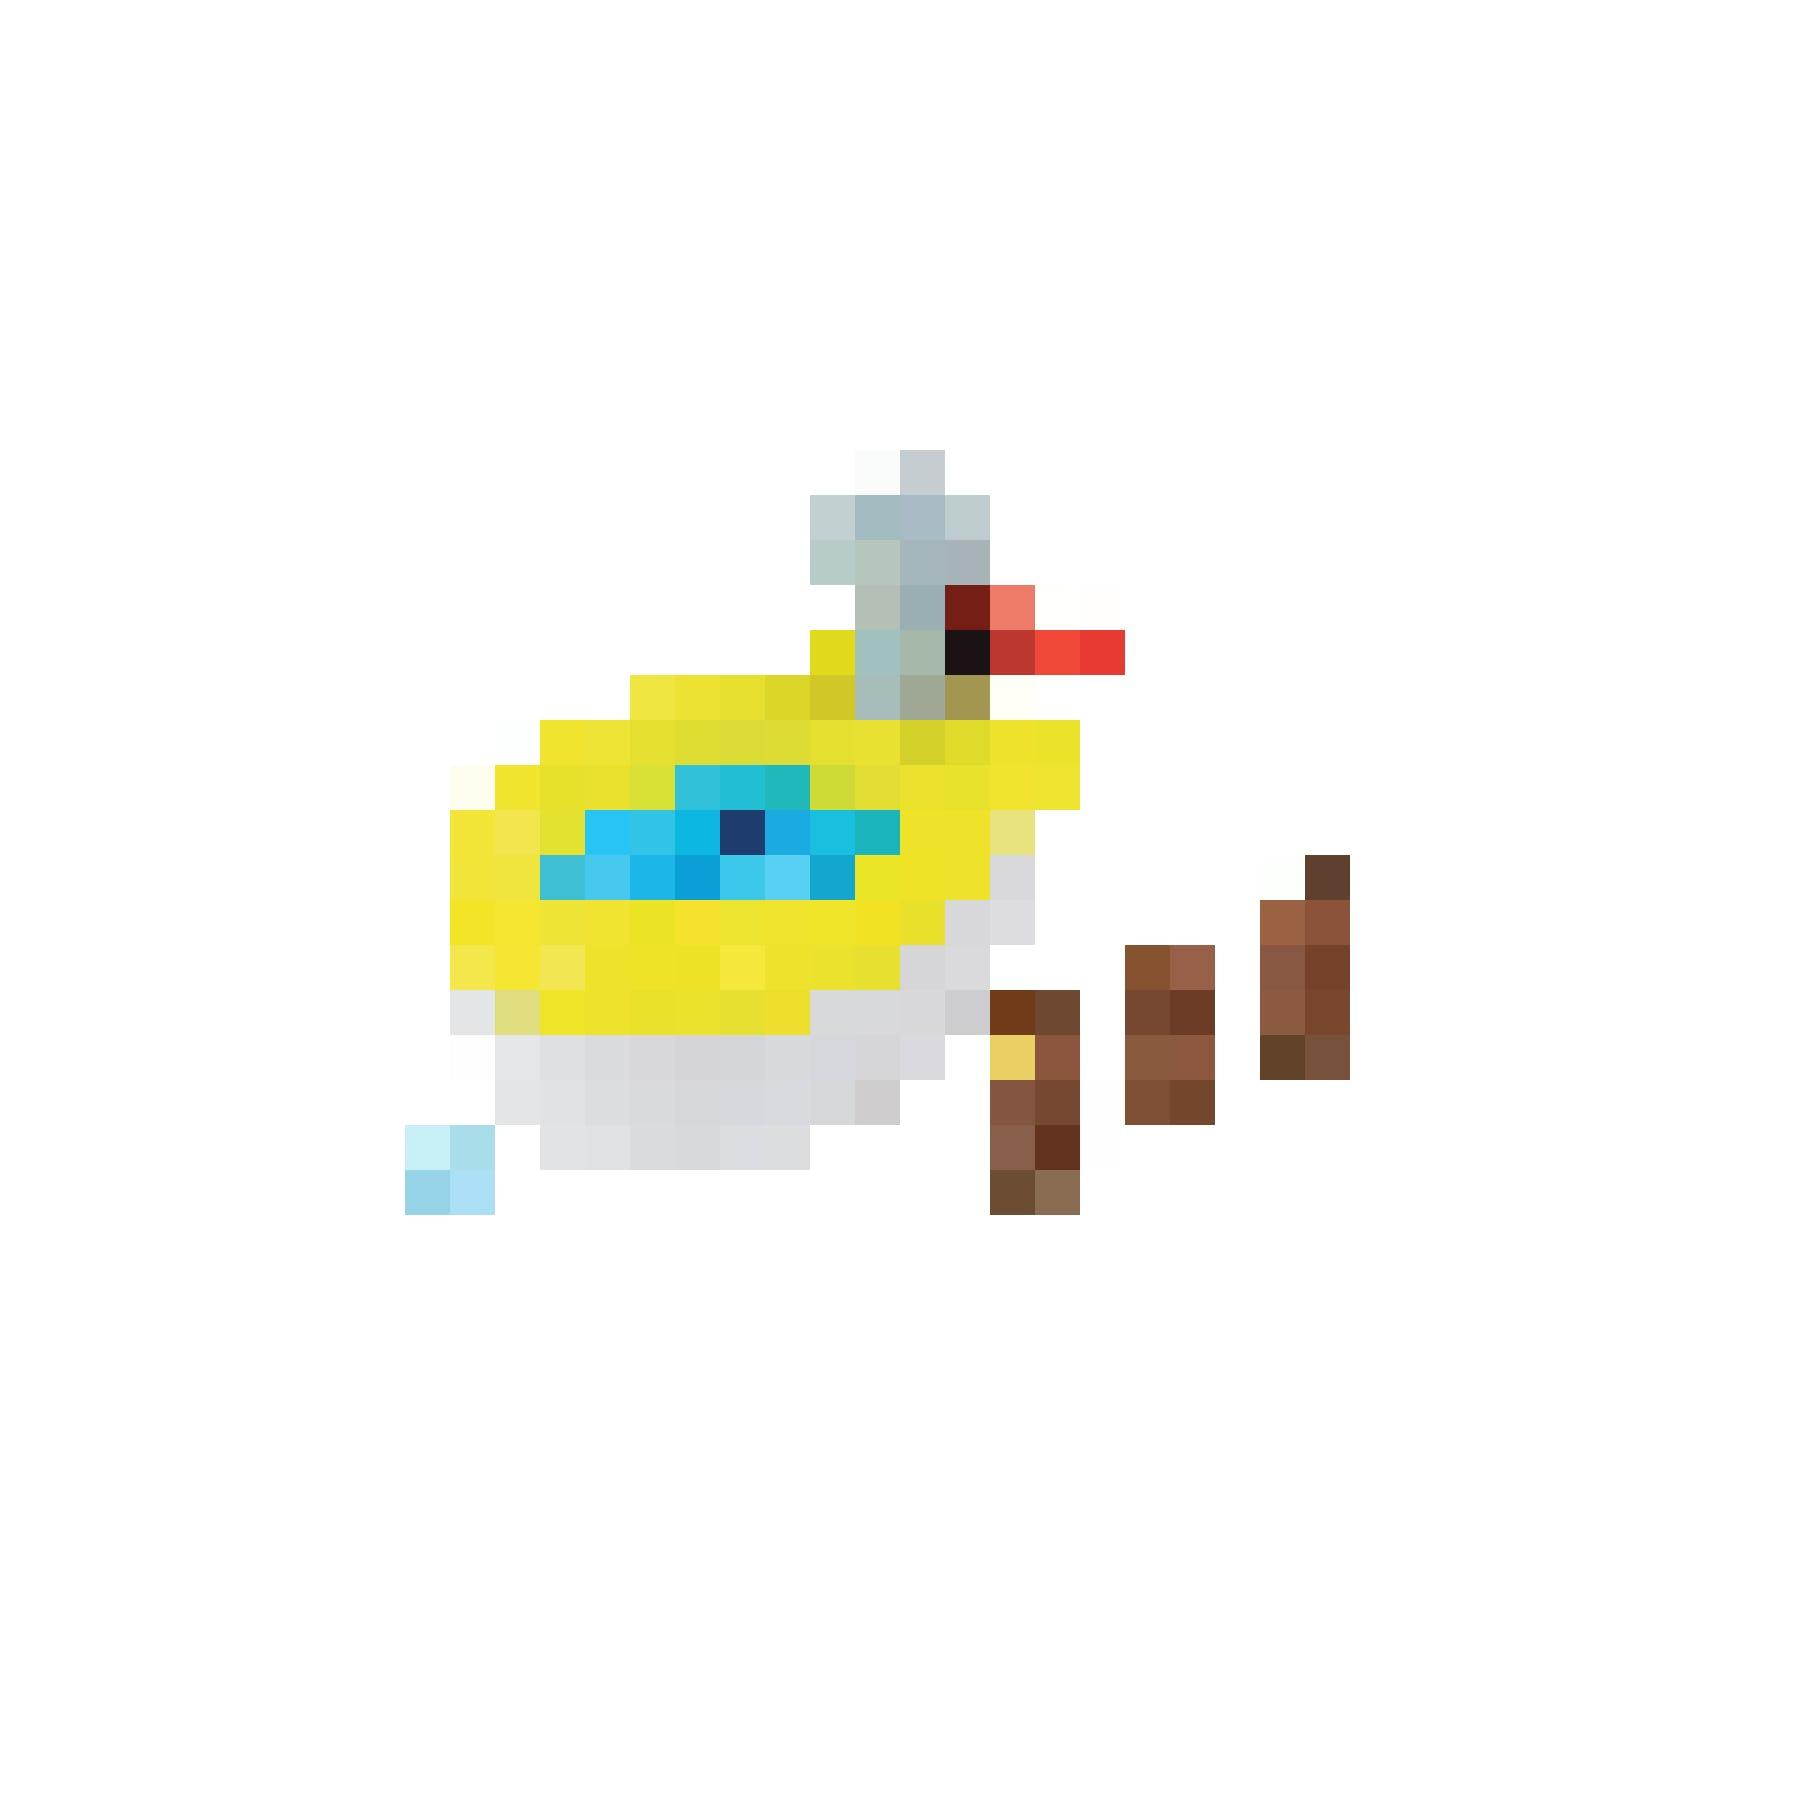 Gioco da wc: Gioco Mattel Kacka-Alarm (istruzioni in DE), fr. 29.95, su microspot.ch.